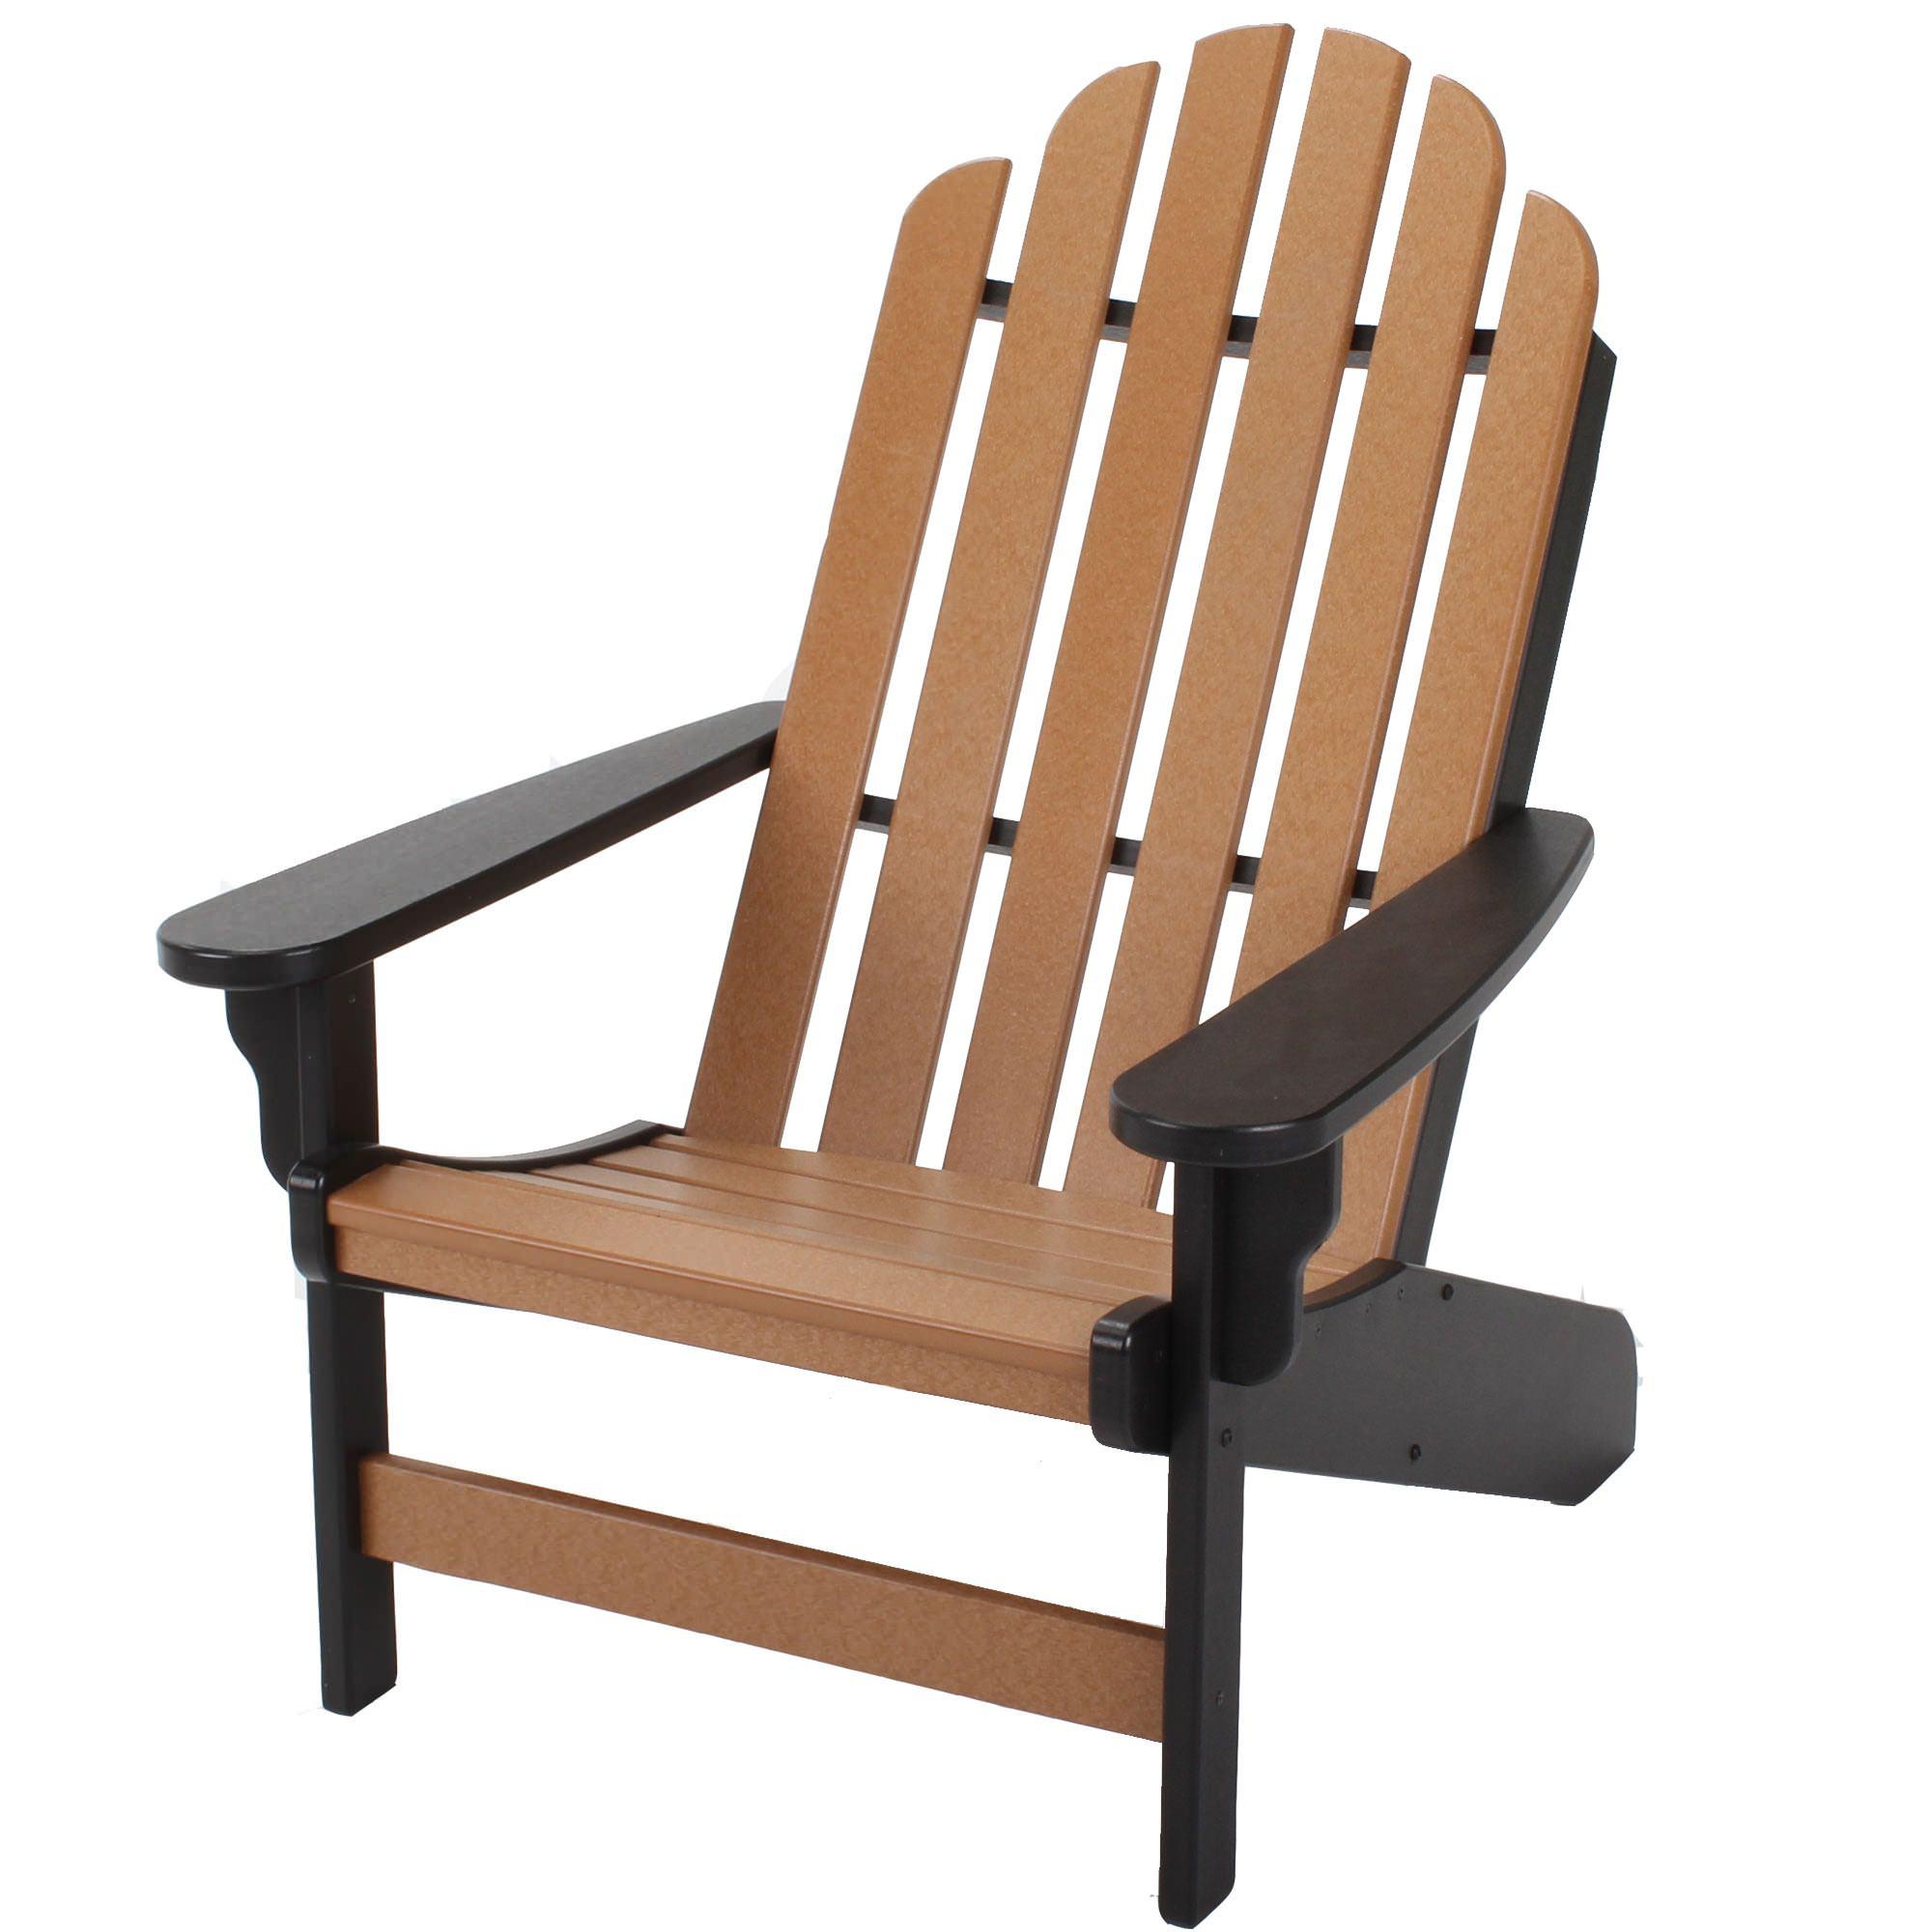 Durawood Essentials Adirondack Chair  Pawleys Island Hammocks